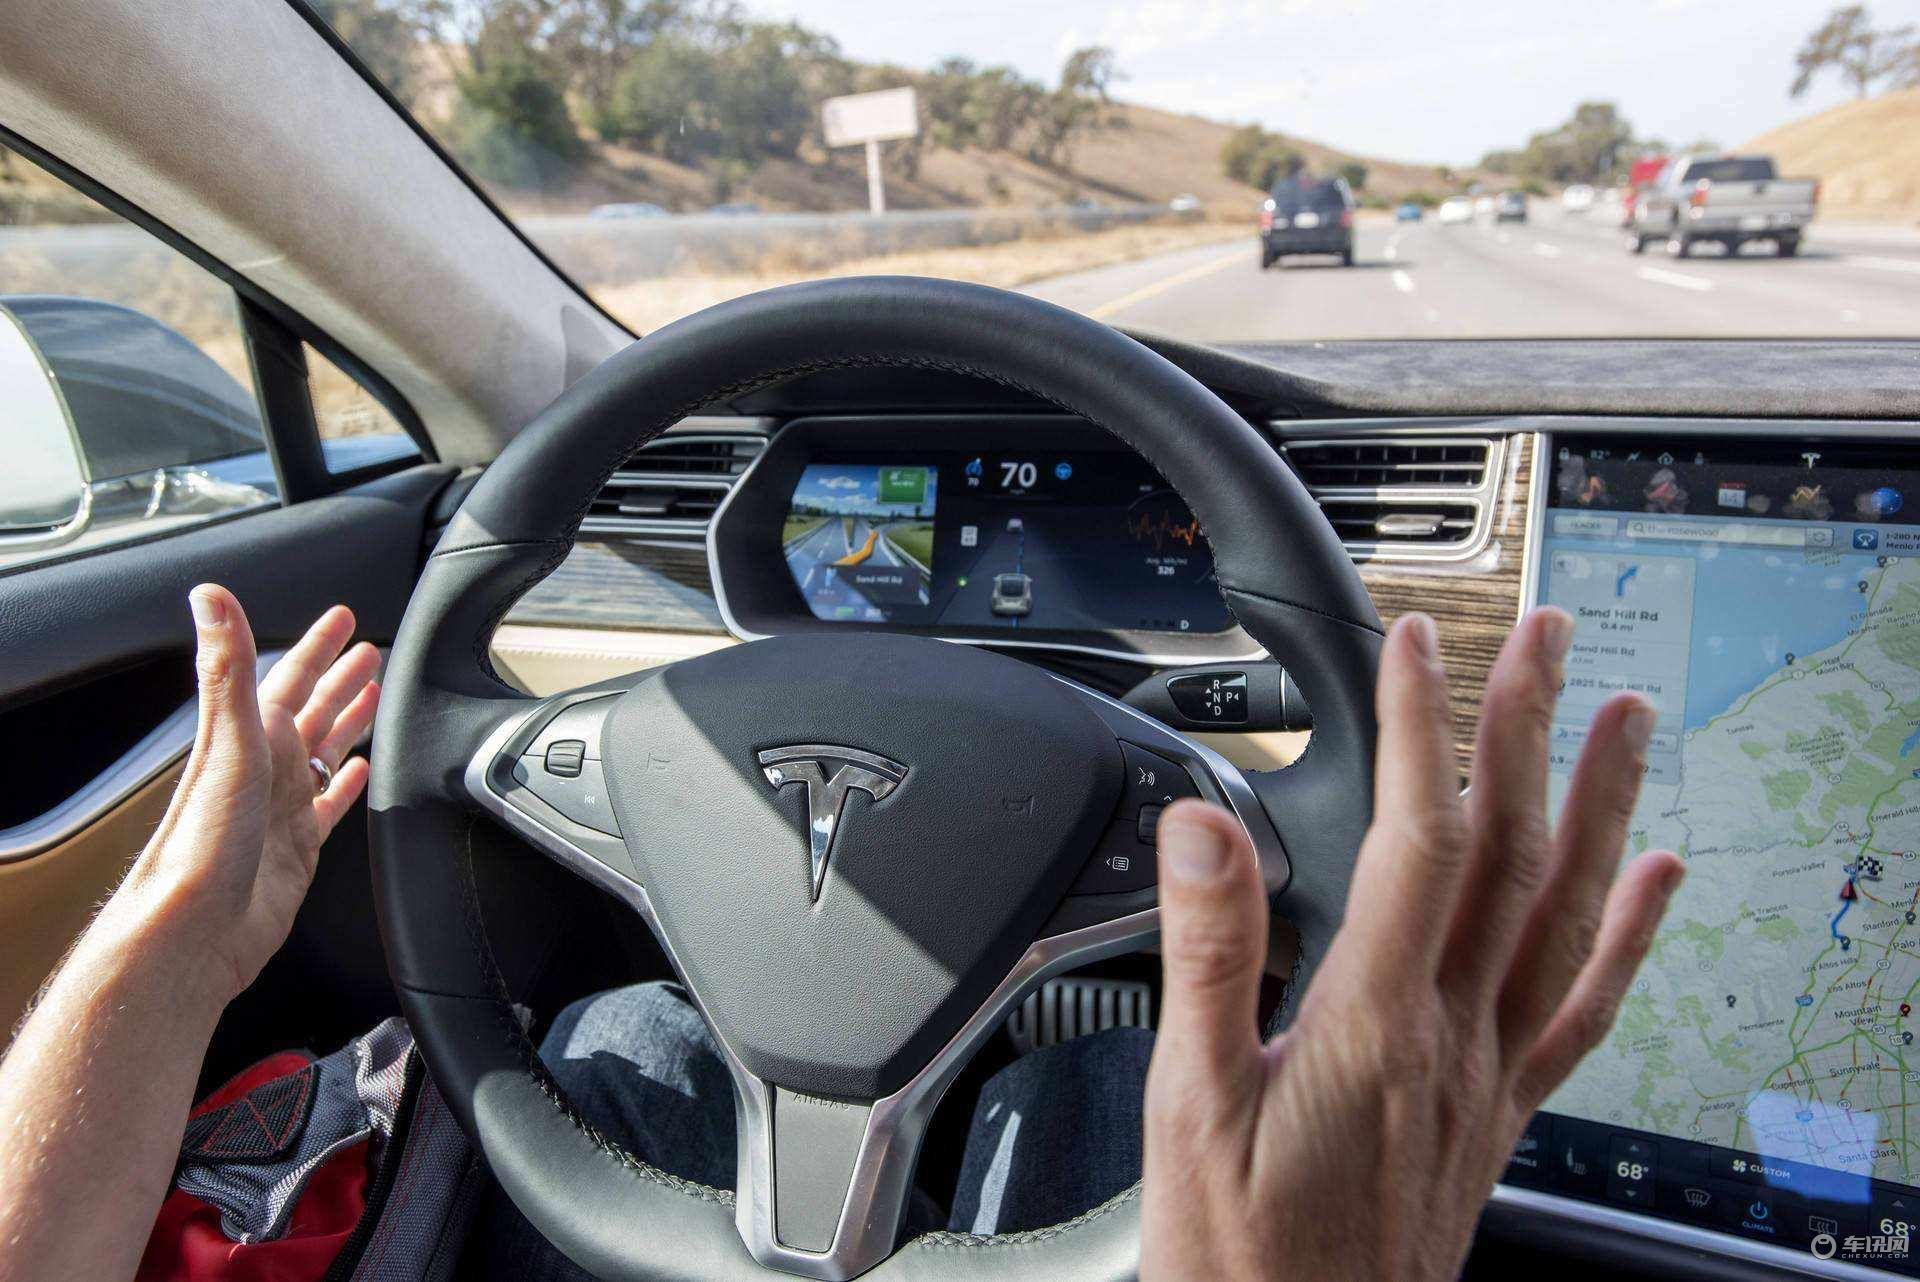 超60萬輛特斯拉汽車搭載完全自動駕駛芯片